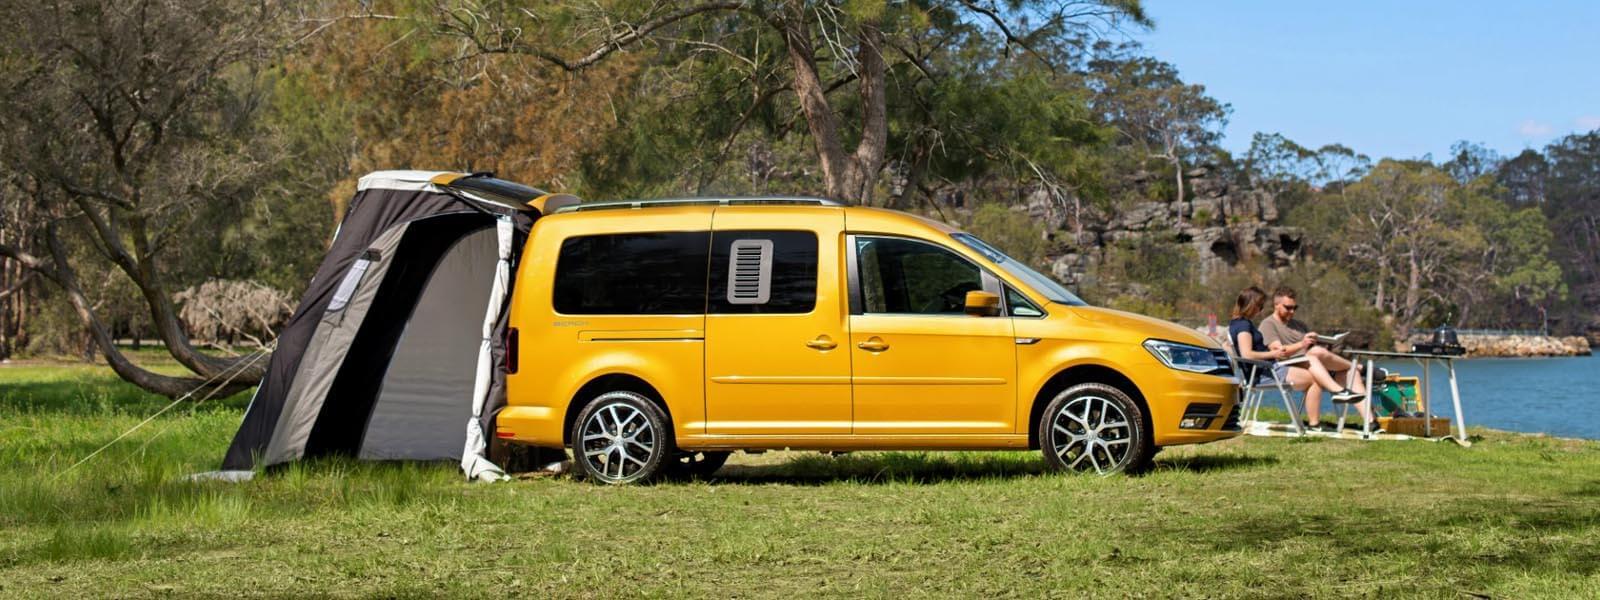 New Volkswagen Caddy for sale - Cricks Maroochydore Volkswagen